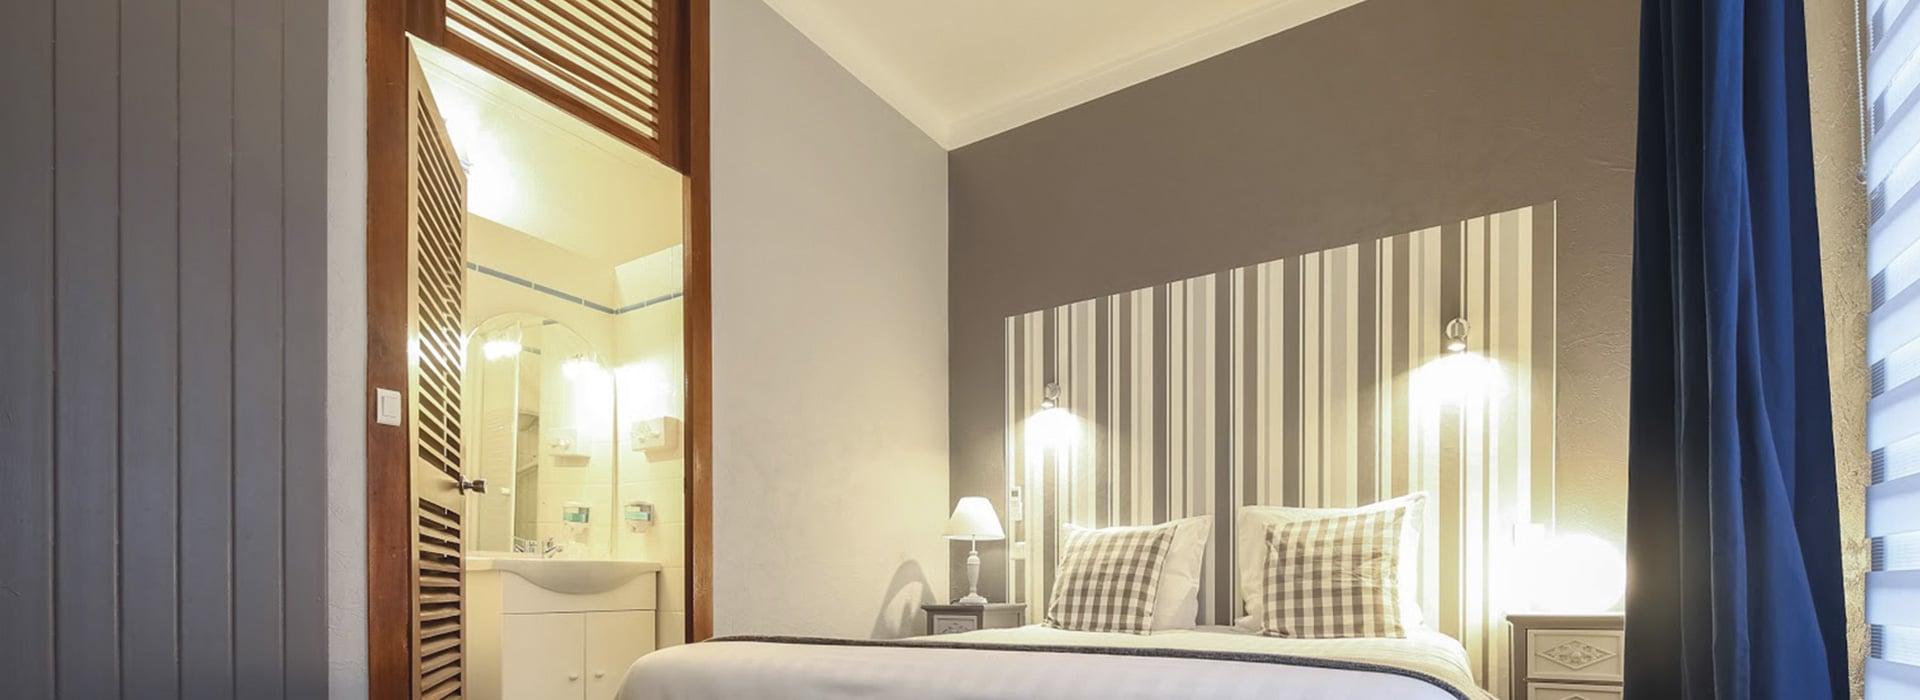 hotel-azur-chambre10